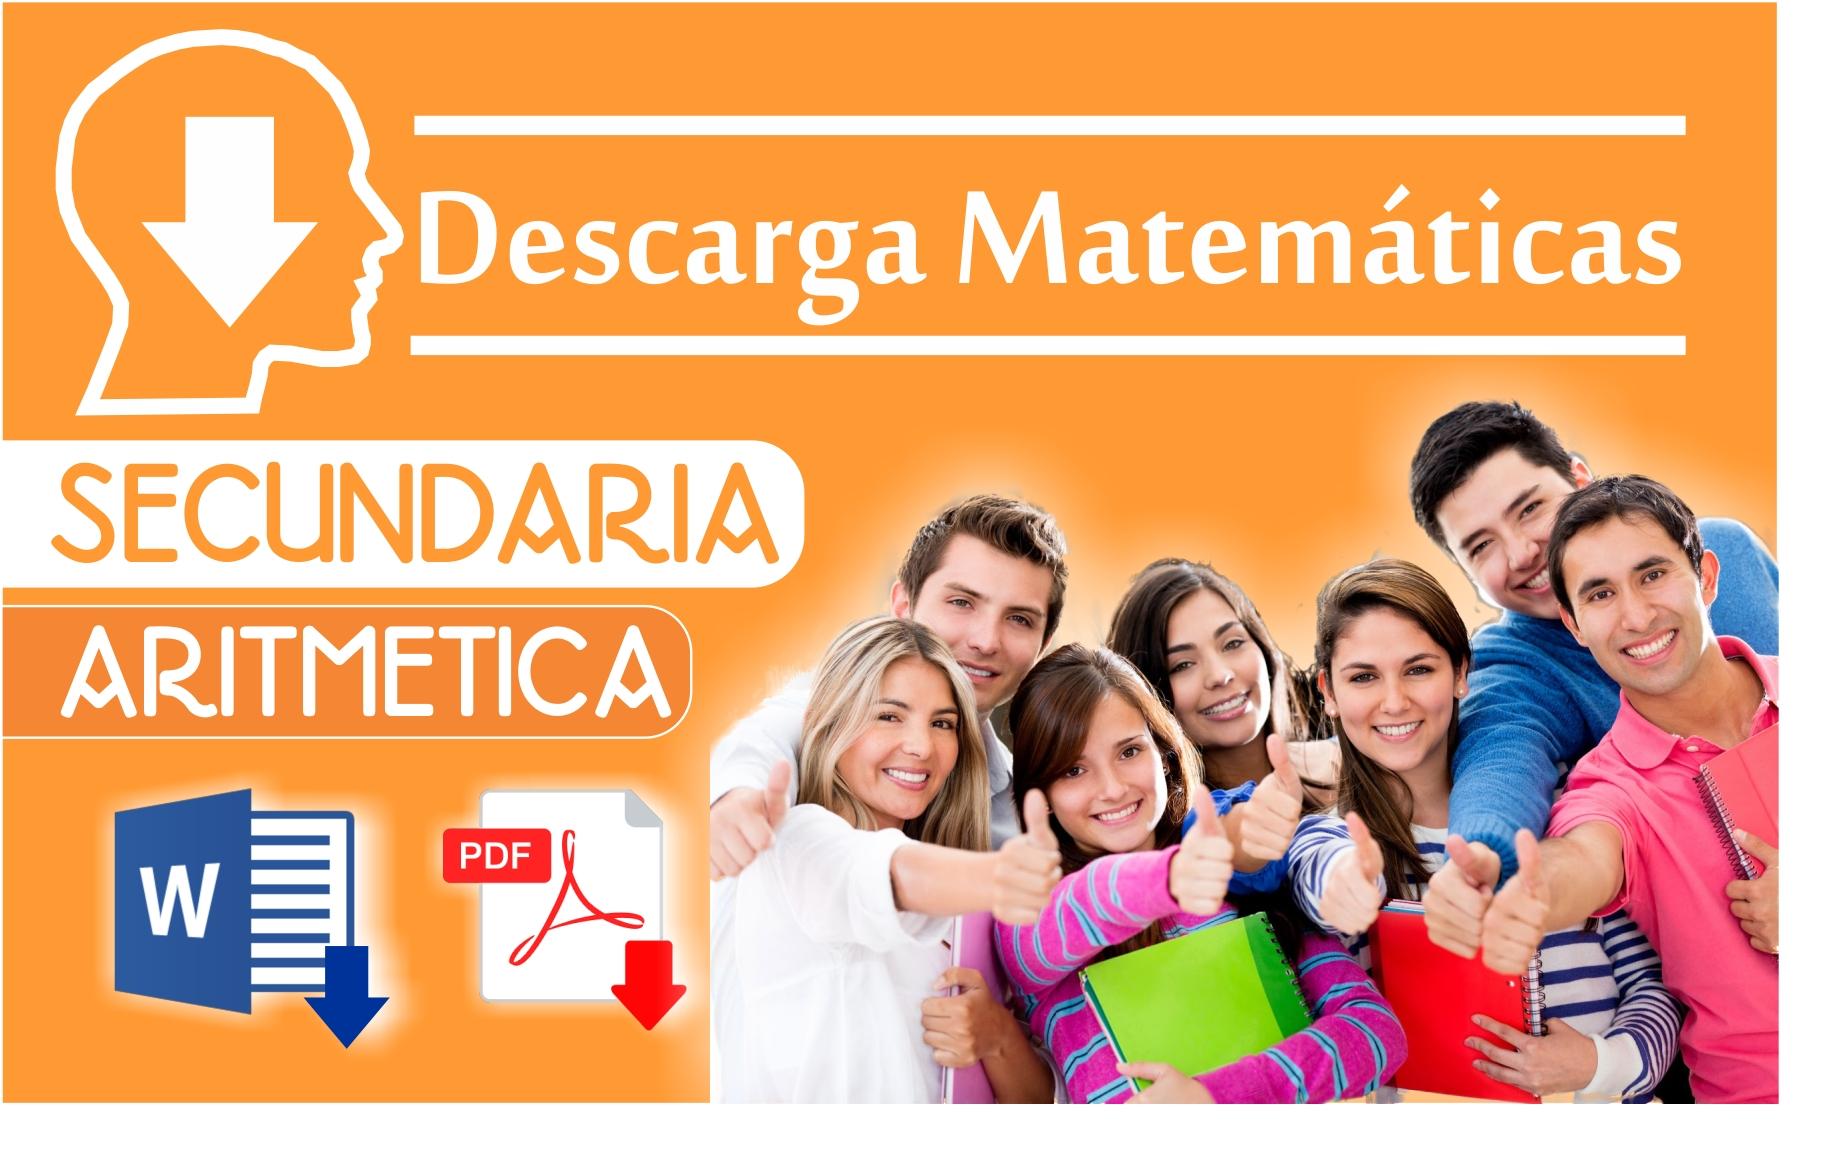 DESCARGA MATEMATICAS - SECUNDARIA - ARITMETICA